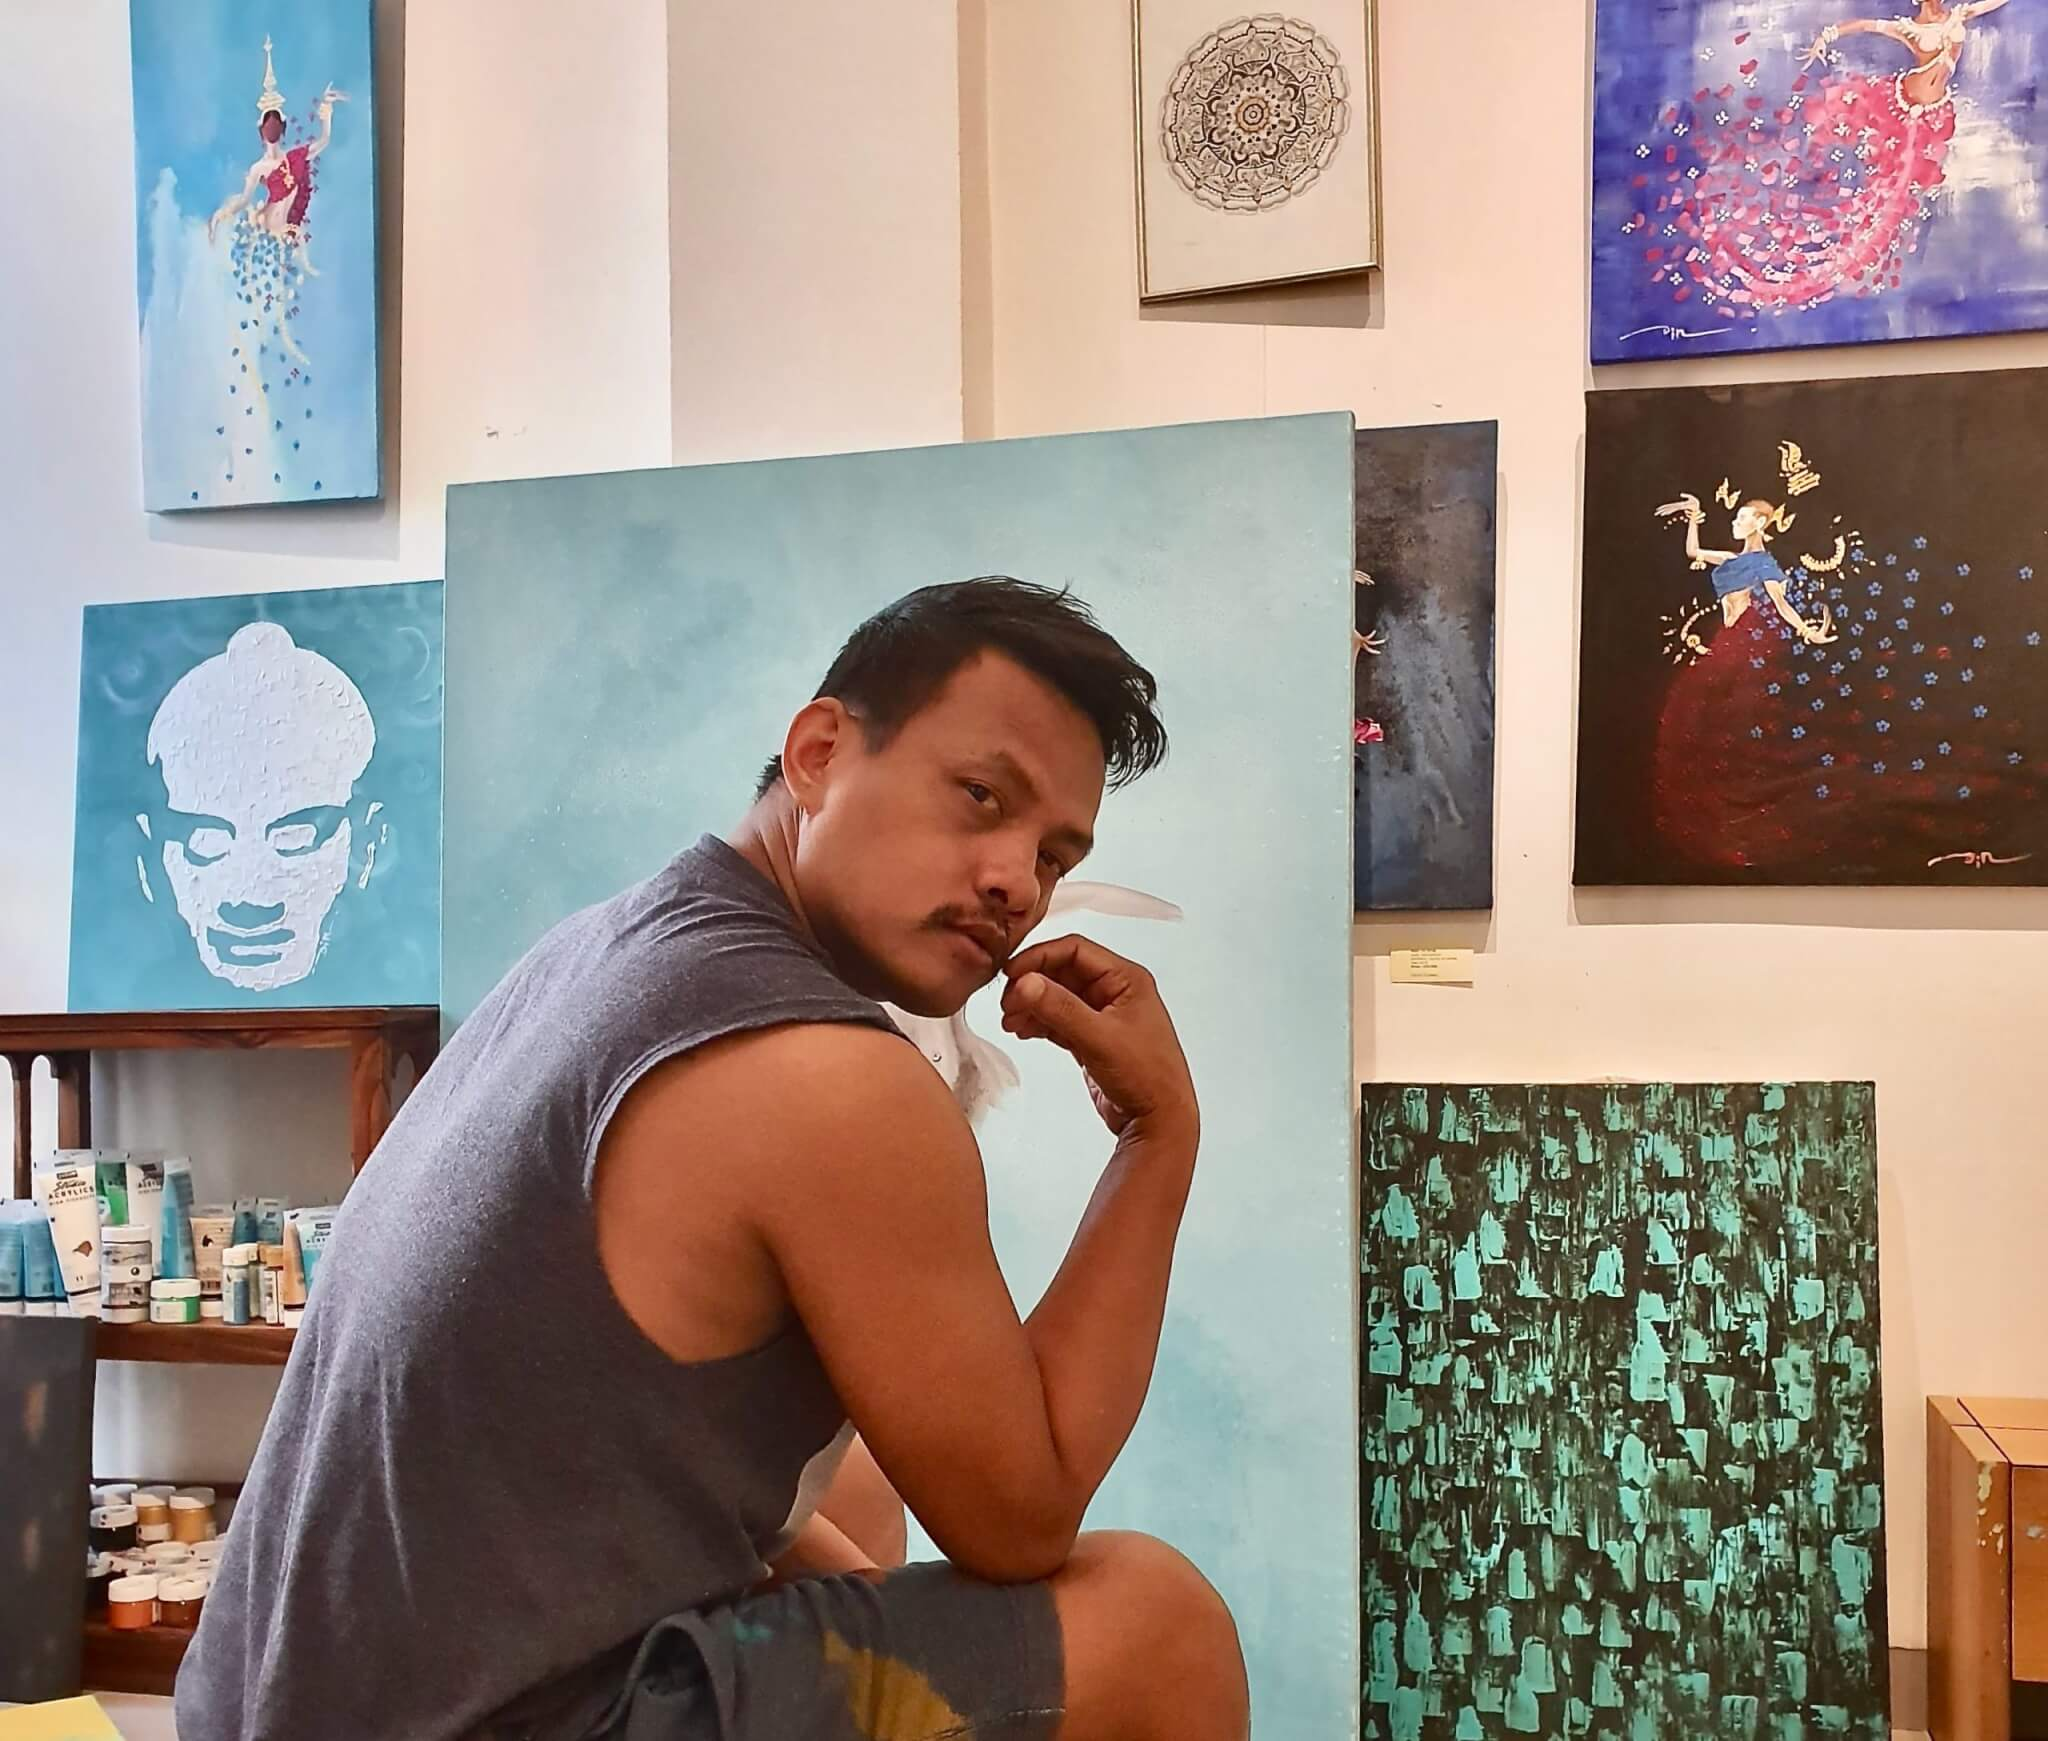 'DIN' Teang Borin – ein kambodschanischer Maler